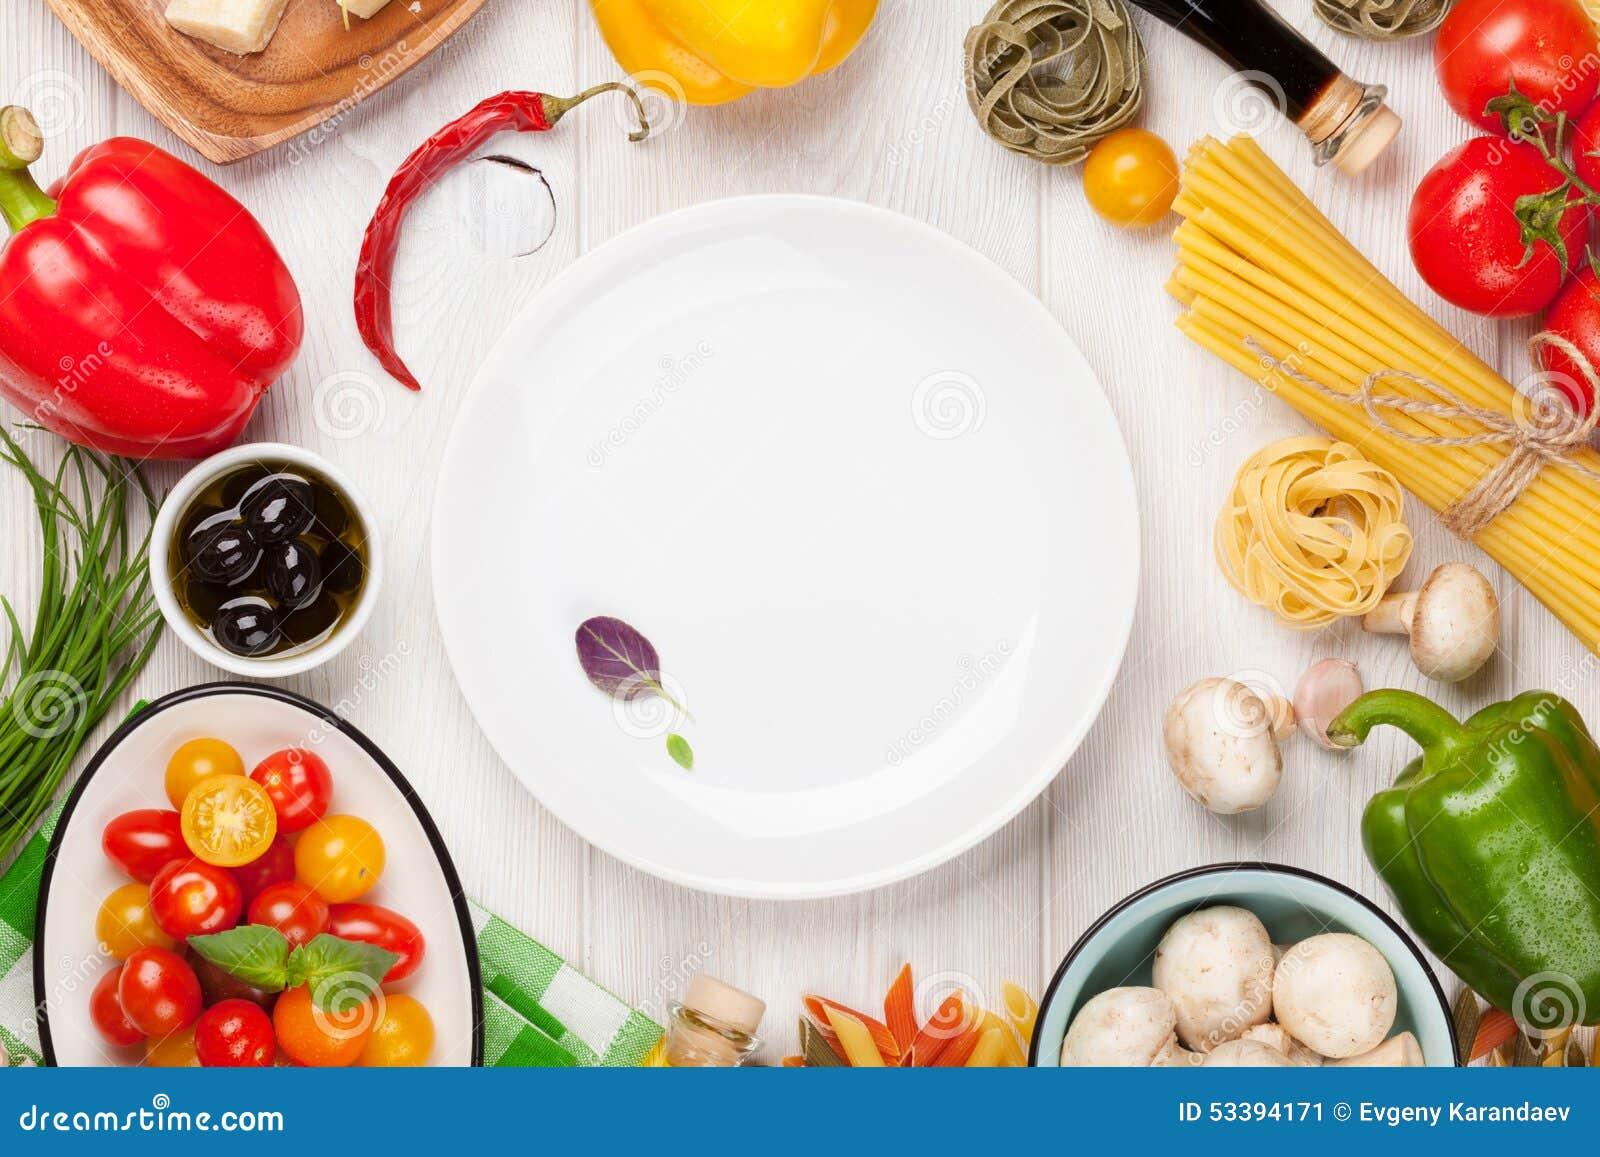 Italian Food Cooking Ingredients Pasta Vegetables